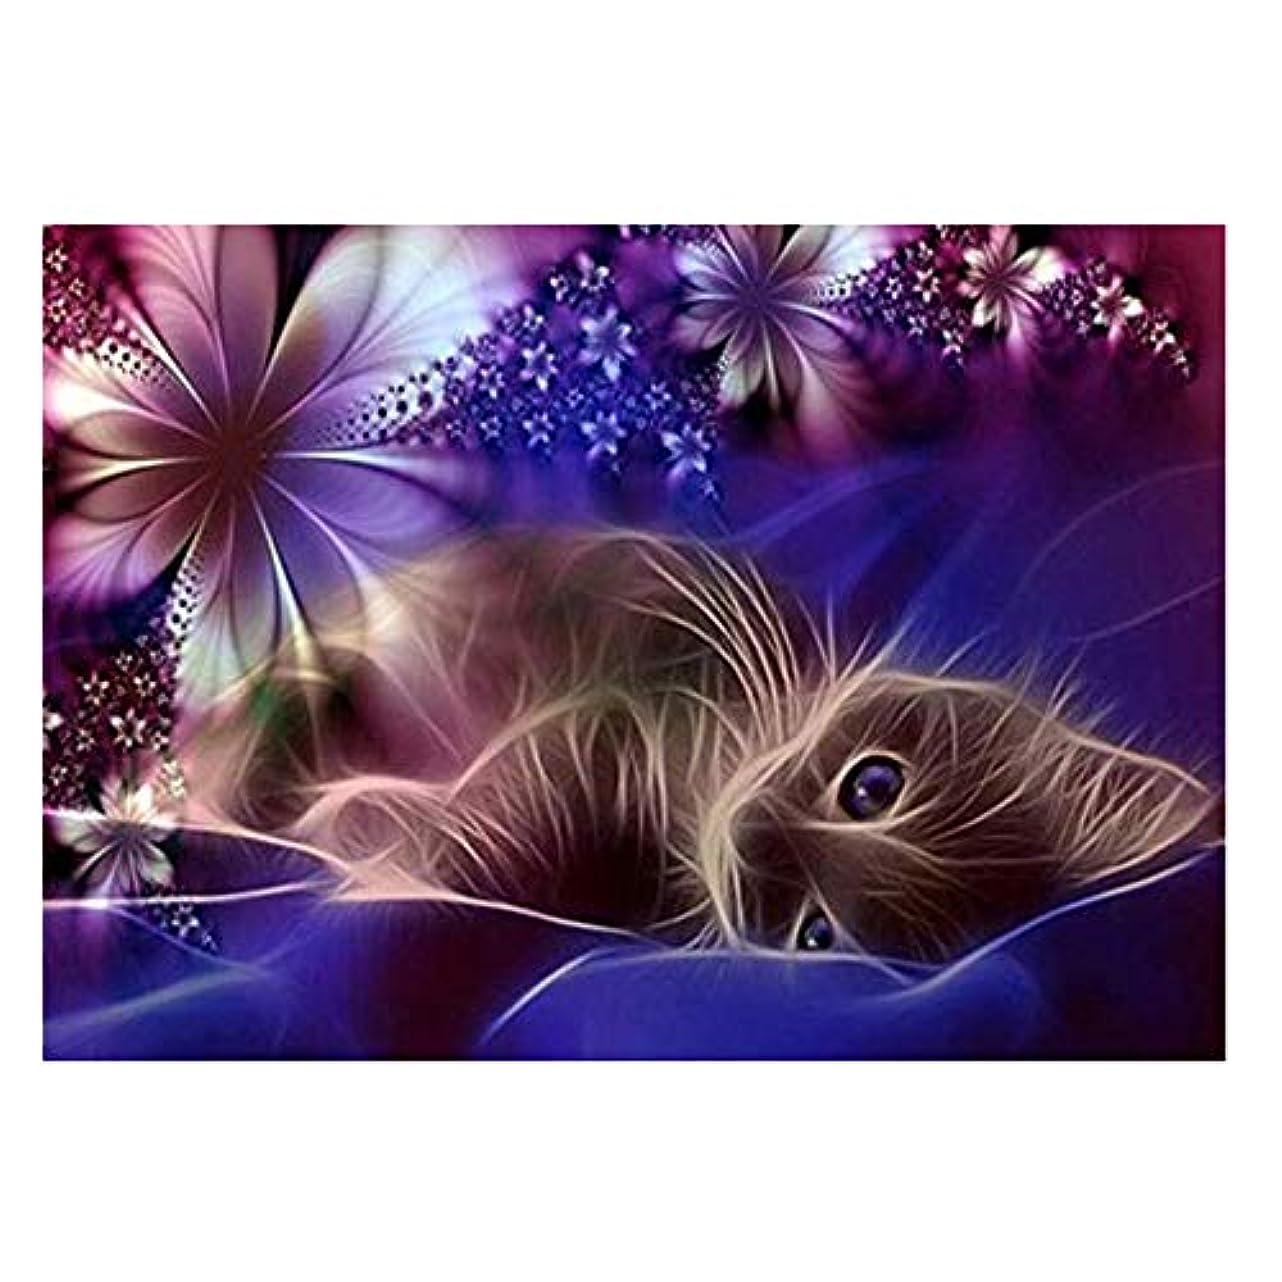 電子レンジ全能ラップ5D 手作りダイヤモンド絵画?30×40cmかわいい猫5Dダイヤモンドペインティングるまインテリア プレゼント ホーム レストラン 壁掛け 装飾 (マルチカラー)